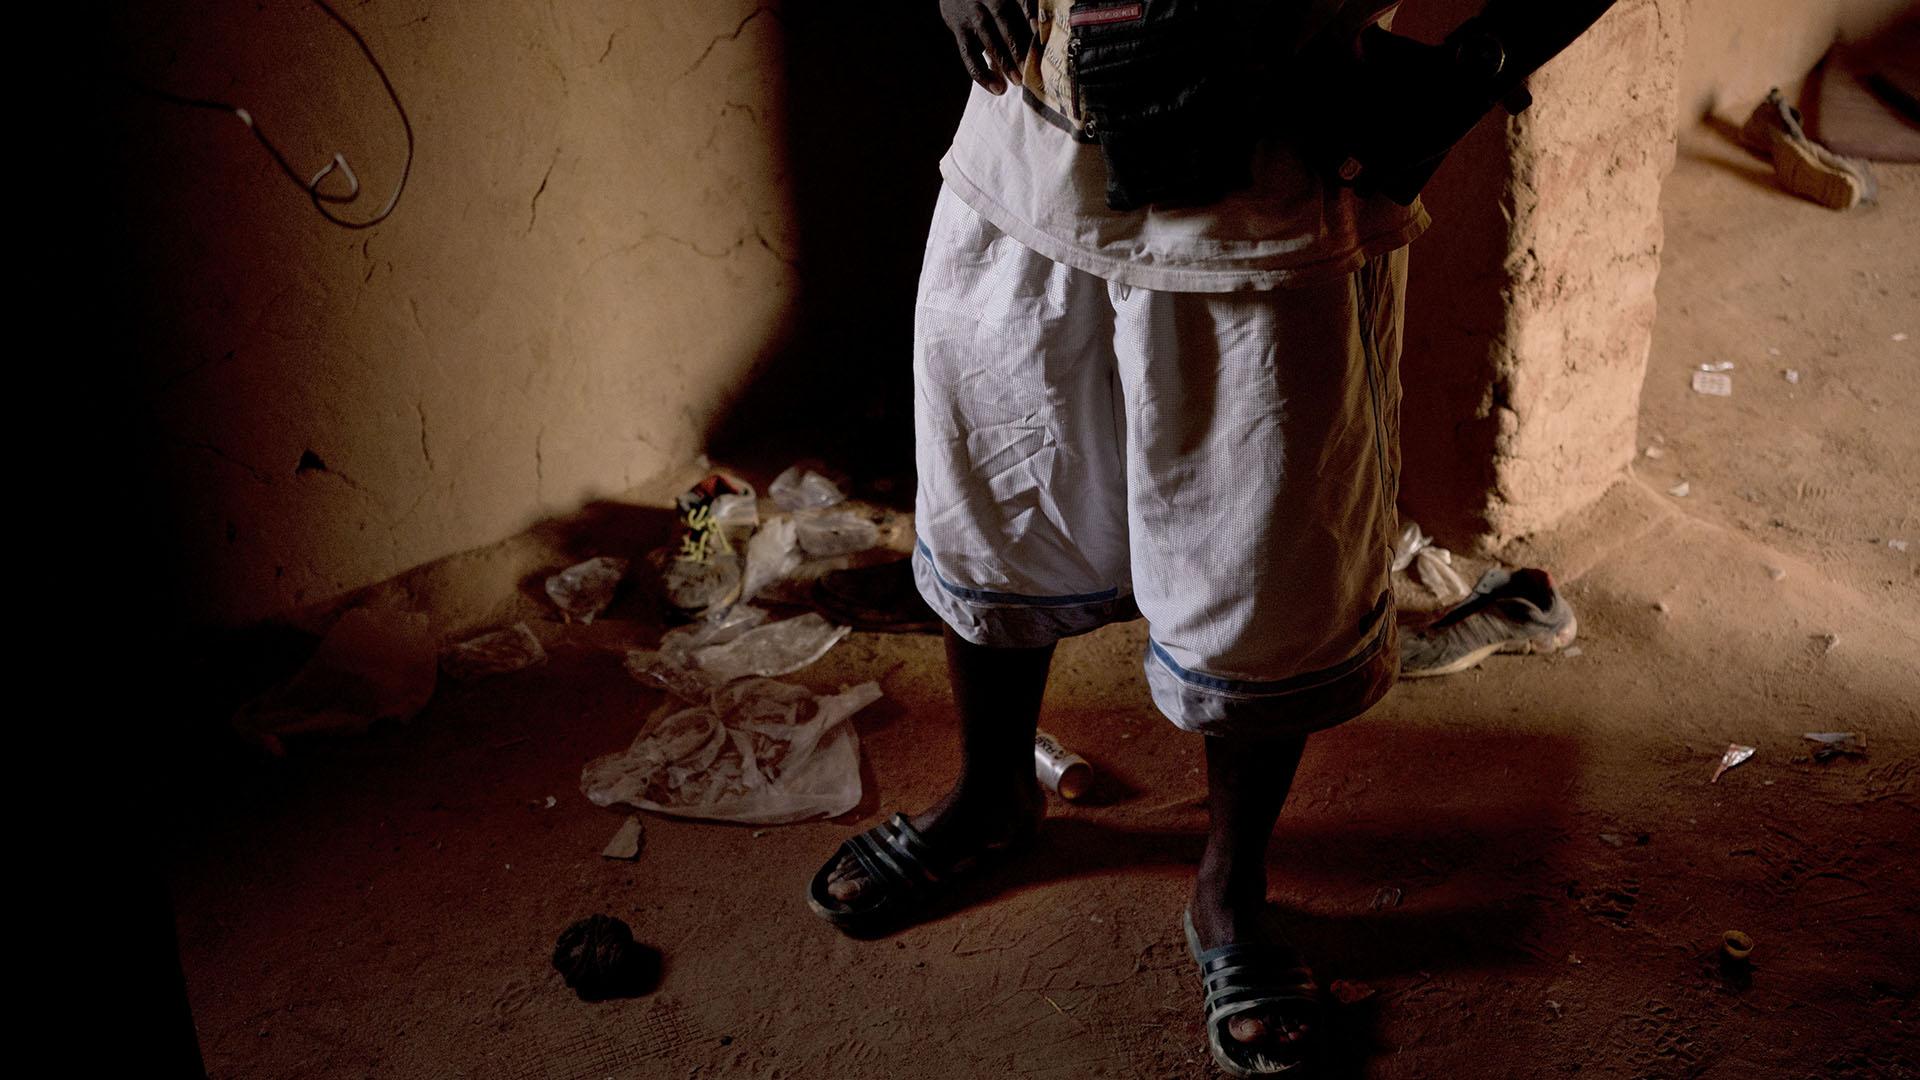 Una aldea en Níger es el destino en el que algunos logran salvar su vida. Pero no todos llegan (AP)